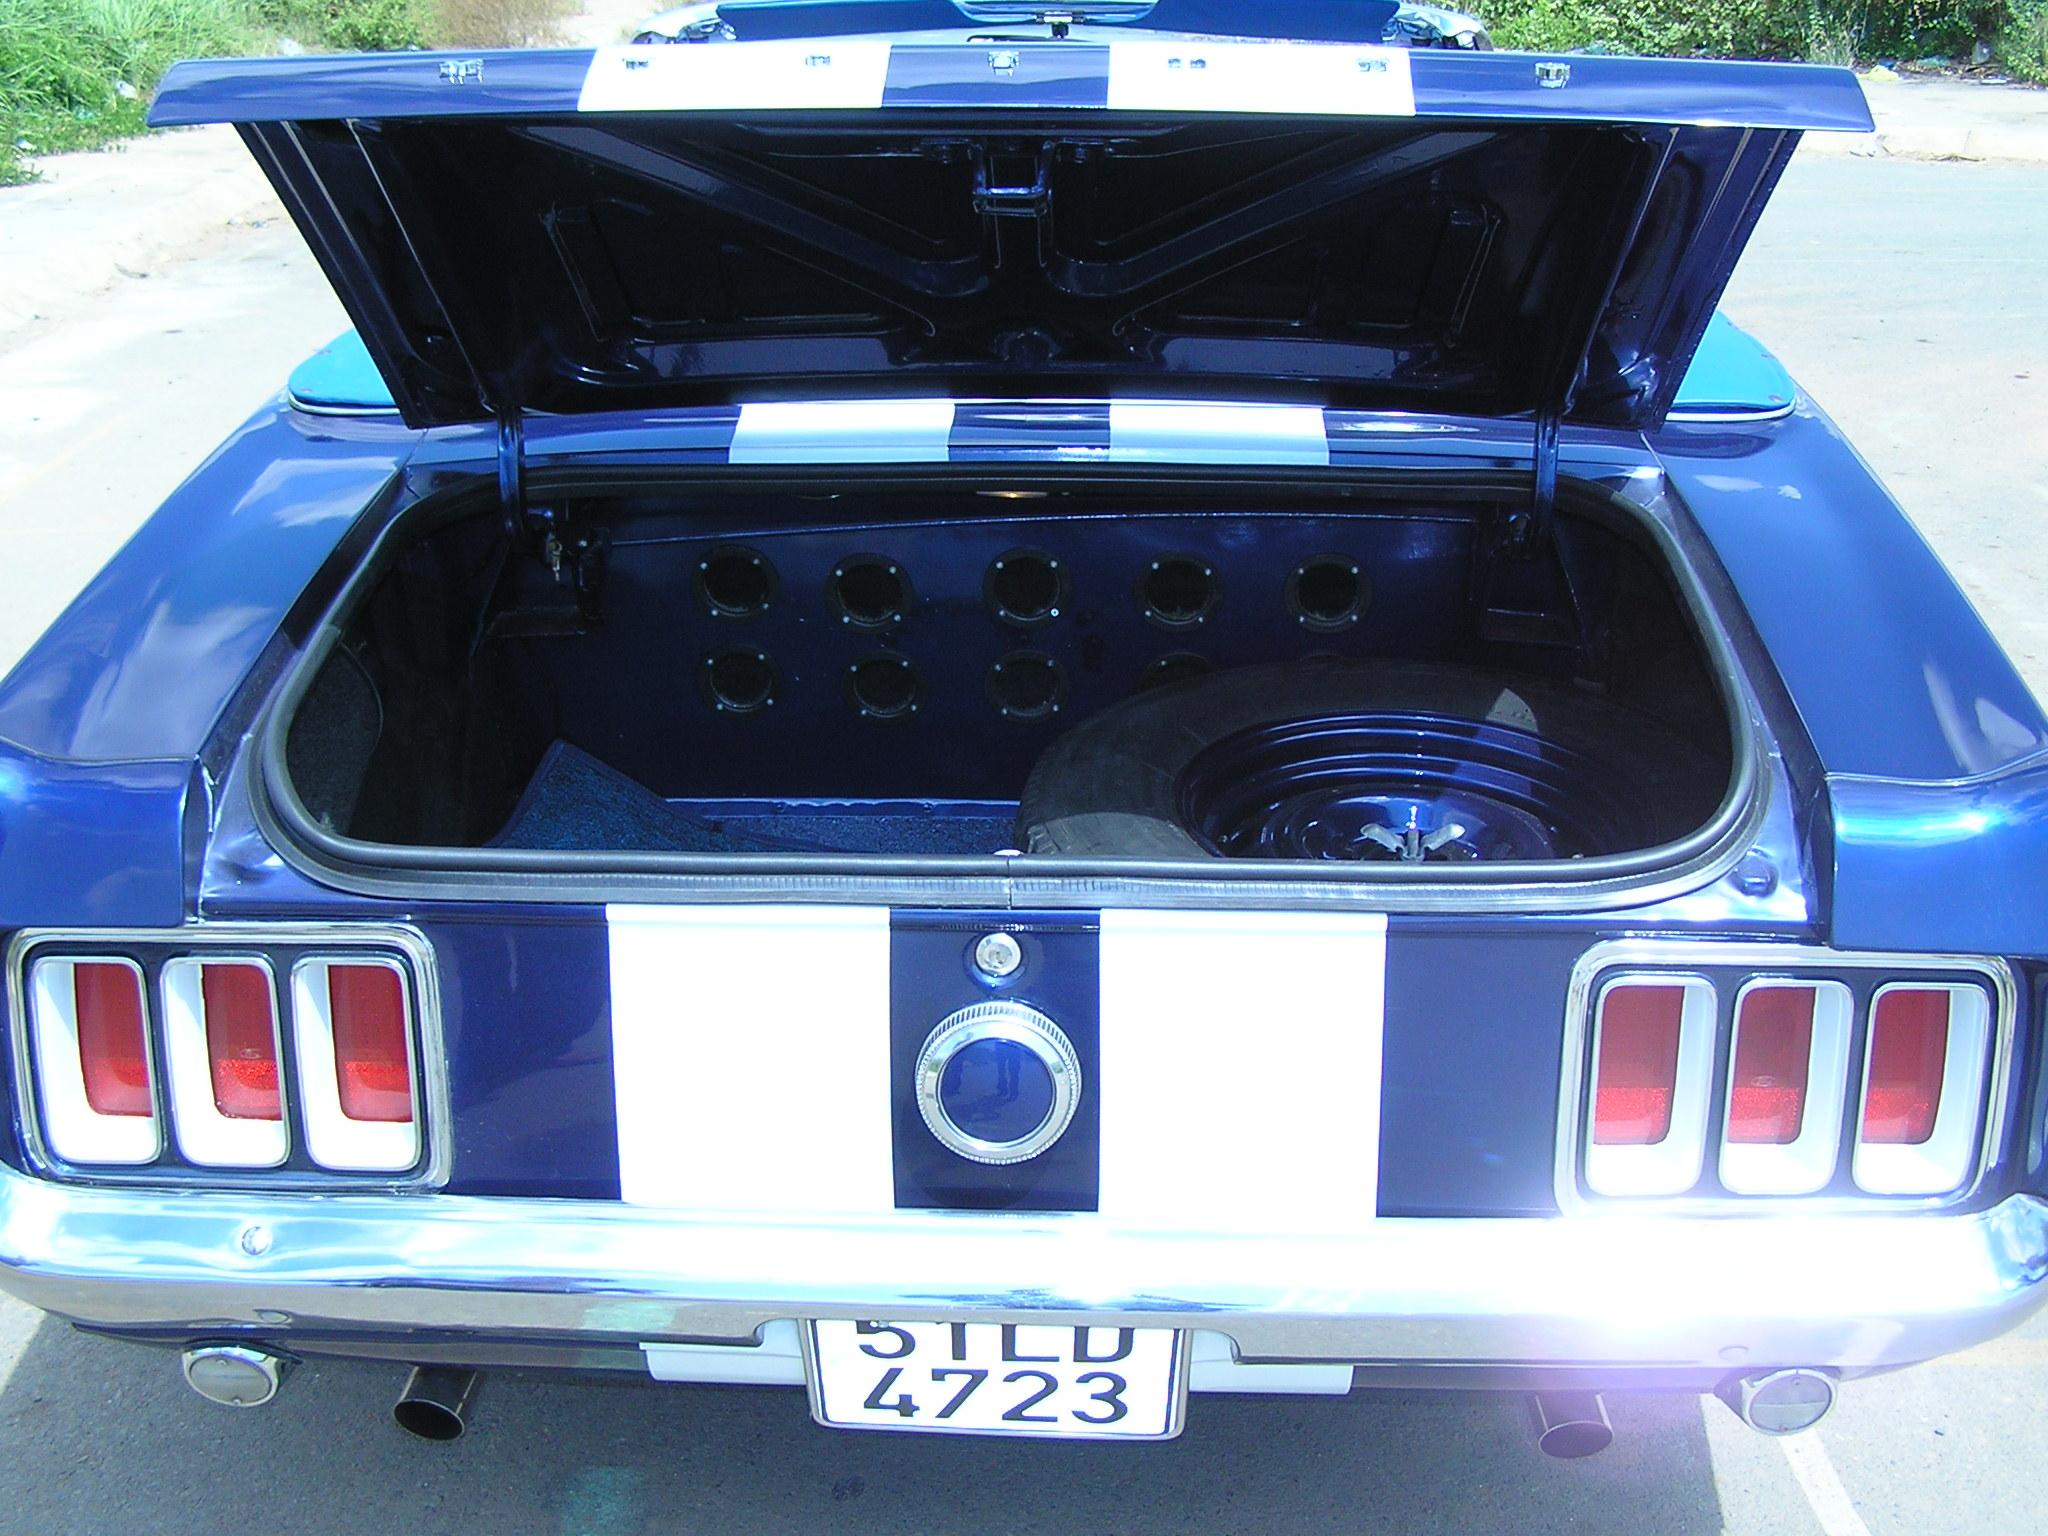 Khám phá xe cổ Ford Mustang 1970 tại Sài Gòn_5